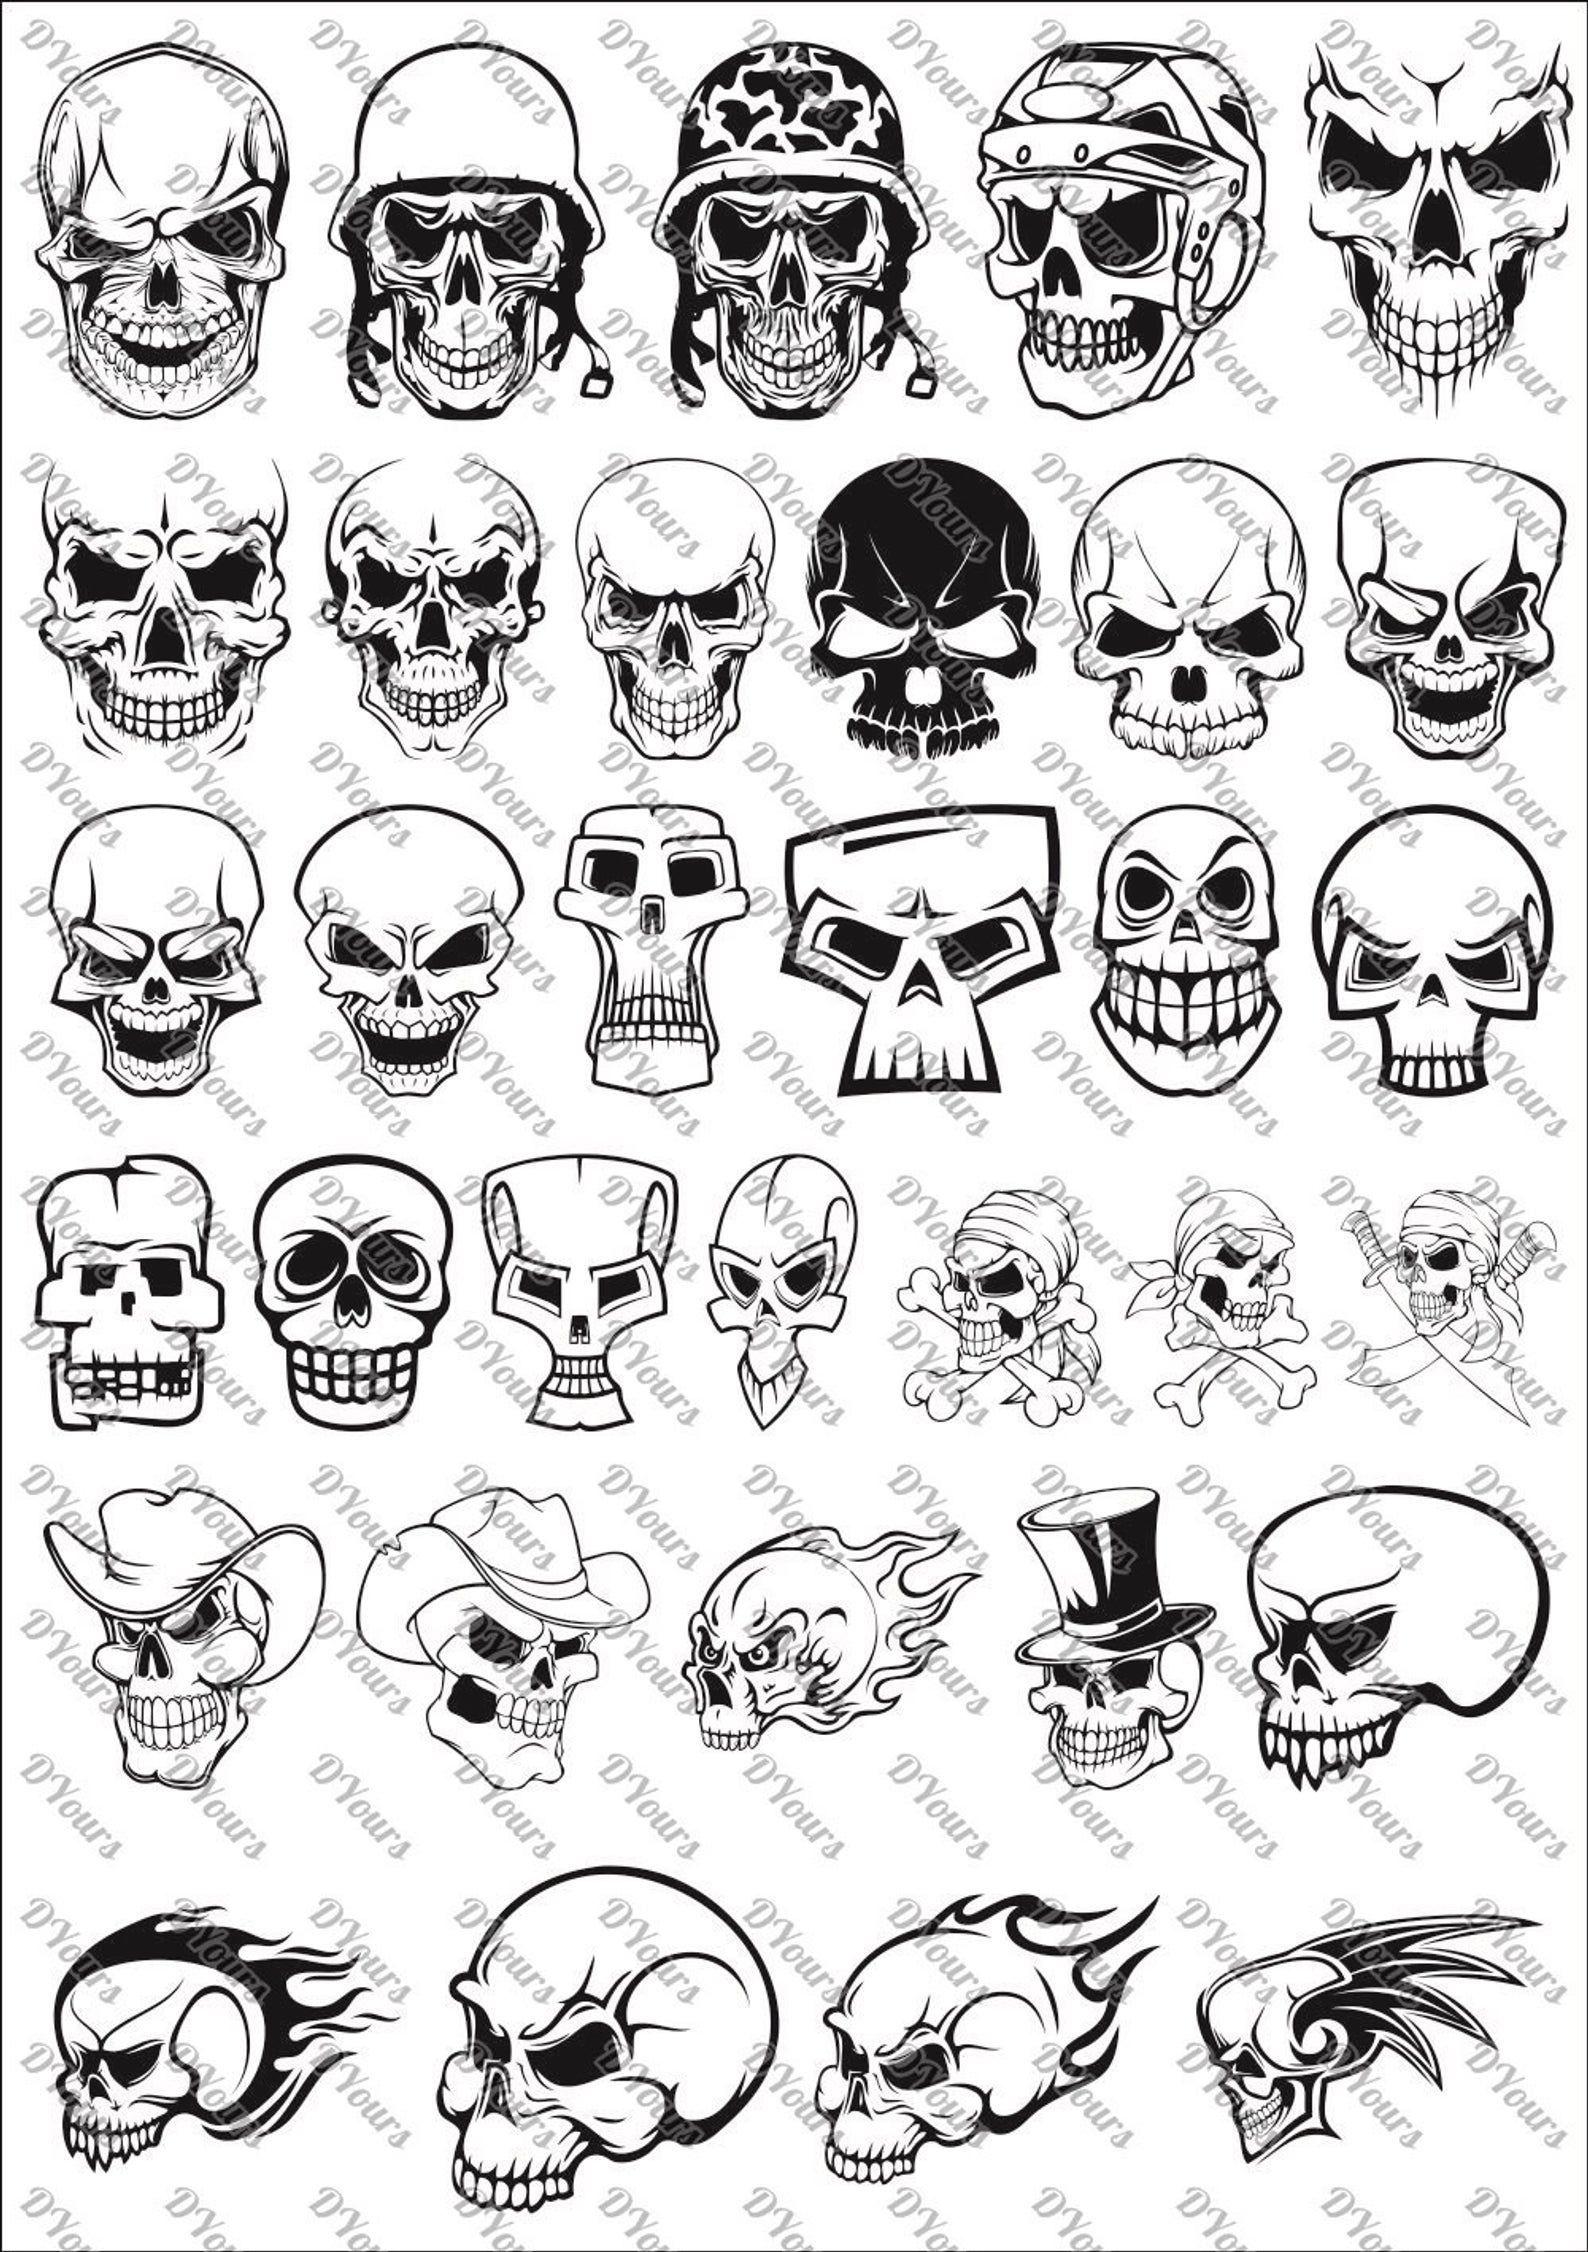 Schadel Vektor Clipart Vol 3 33 Vektor Modelle Svg Cdr Ai Pdf Dateien Instant Download Dateien Fur Den Druc In 2020 Skulls Drawing Skull Stencil Skull Tattoo Design